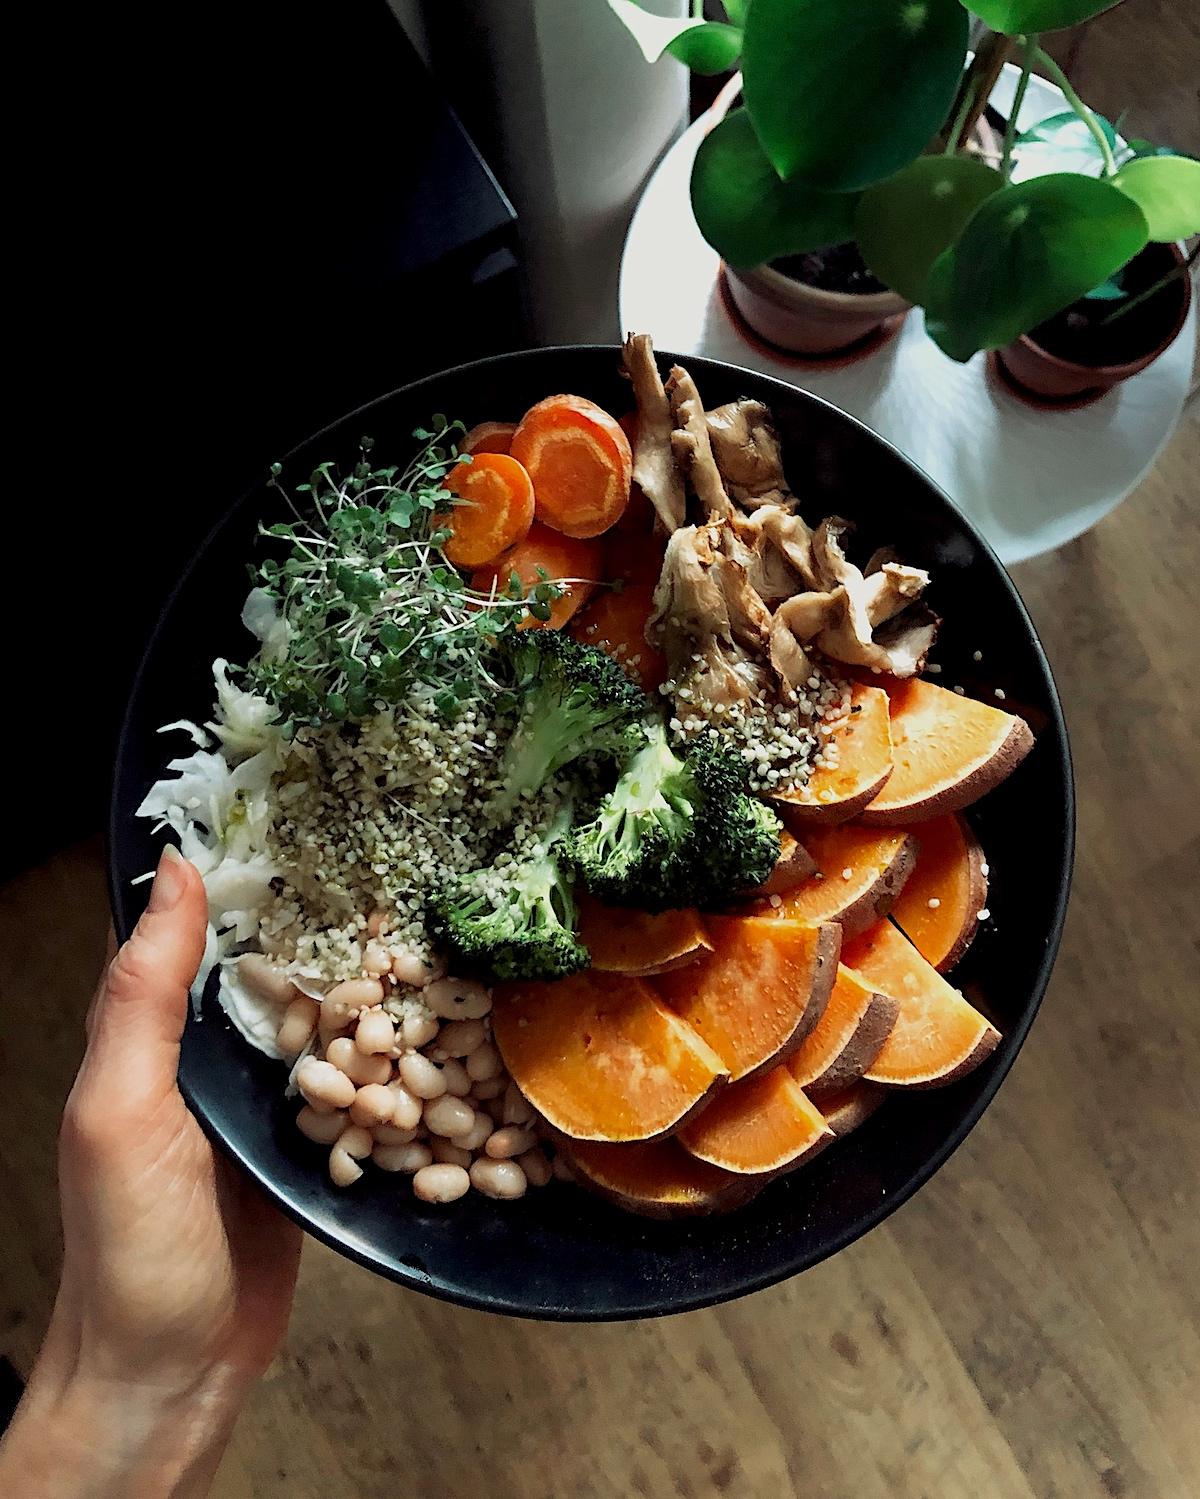 saldais kartupelis lobītas kaņepju sēklas hemp seed oil vegan veganisks brokastis